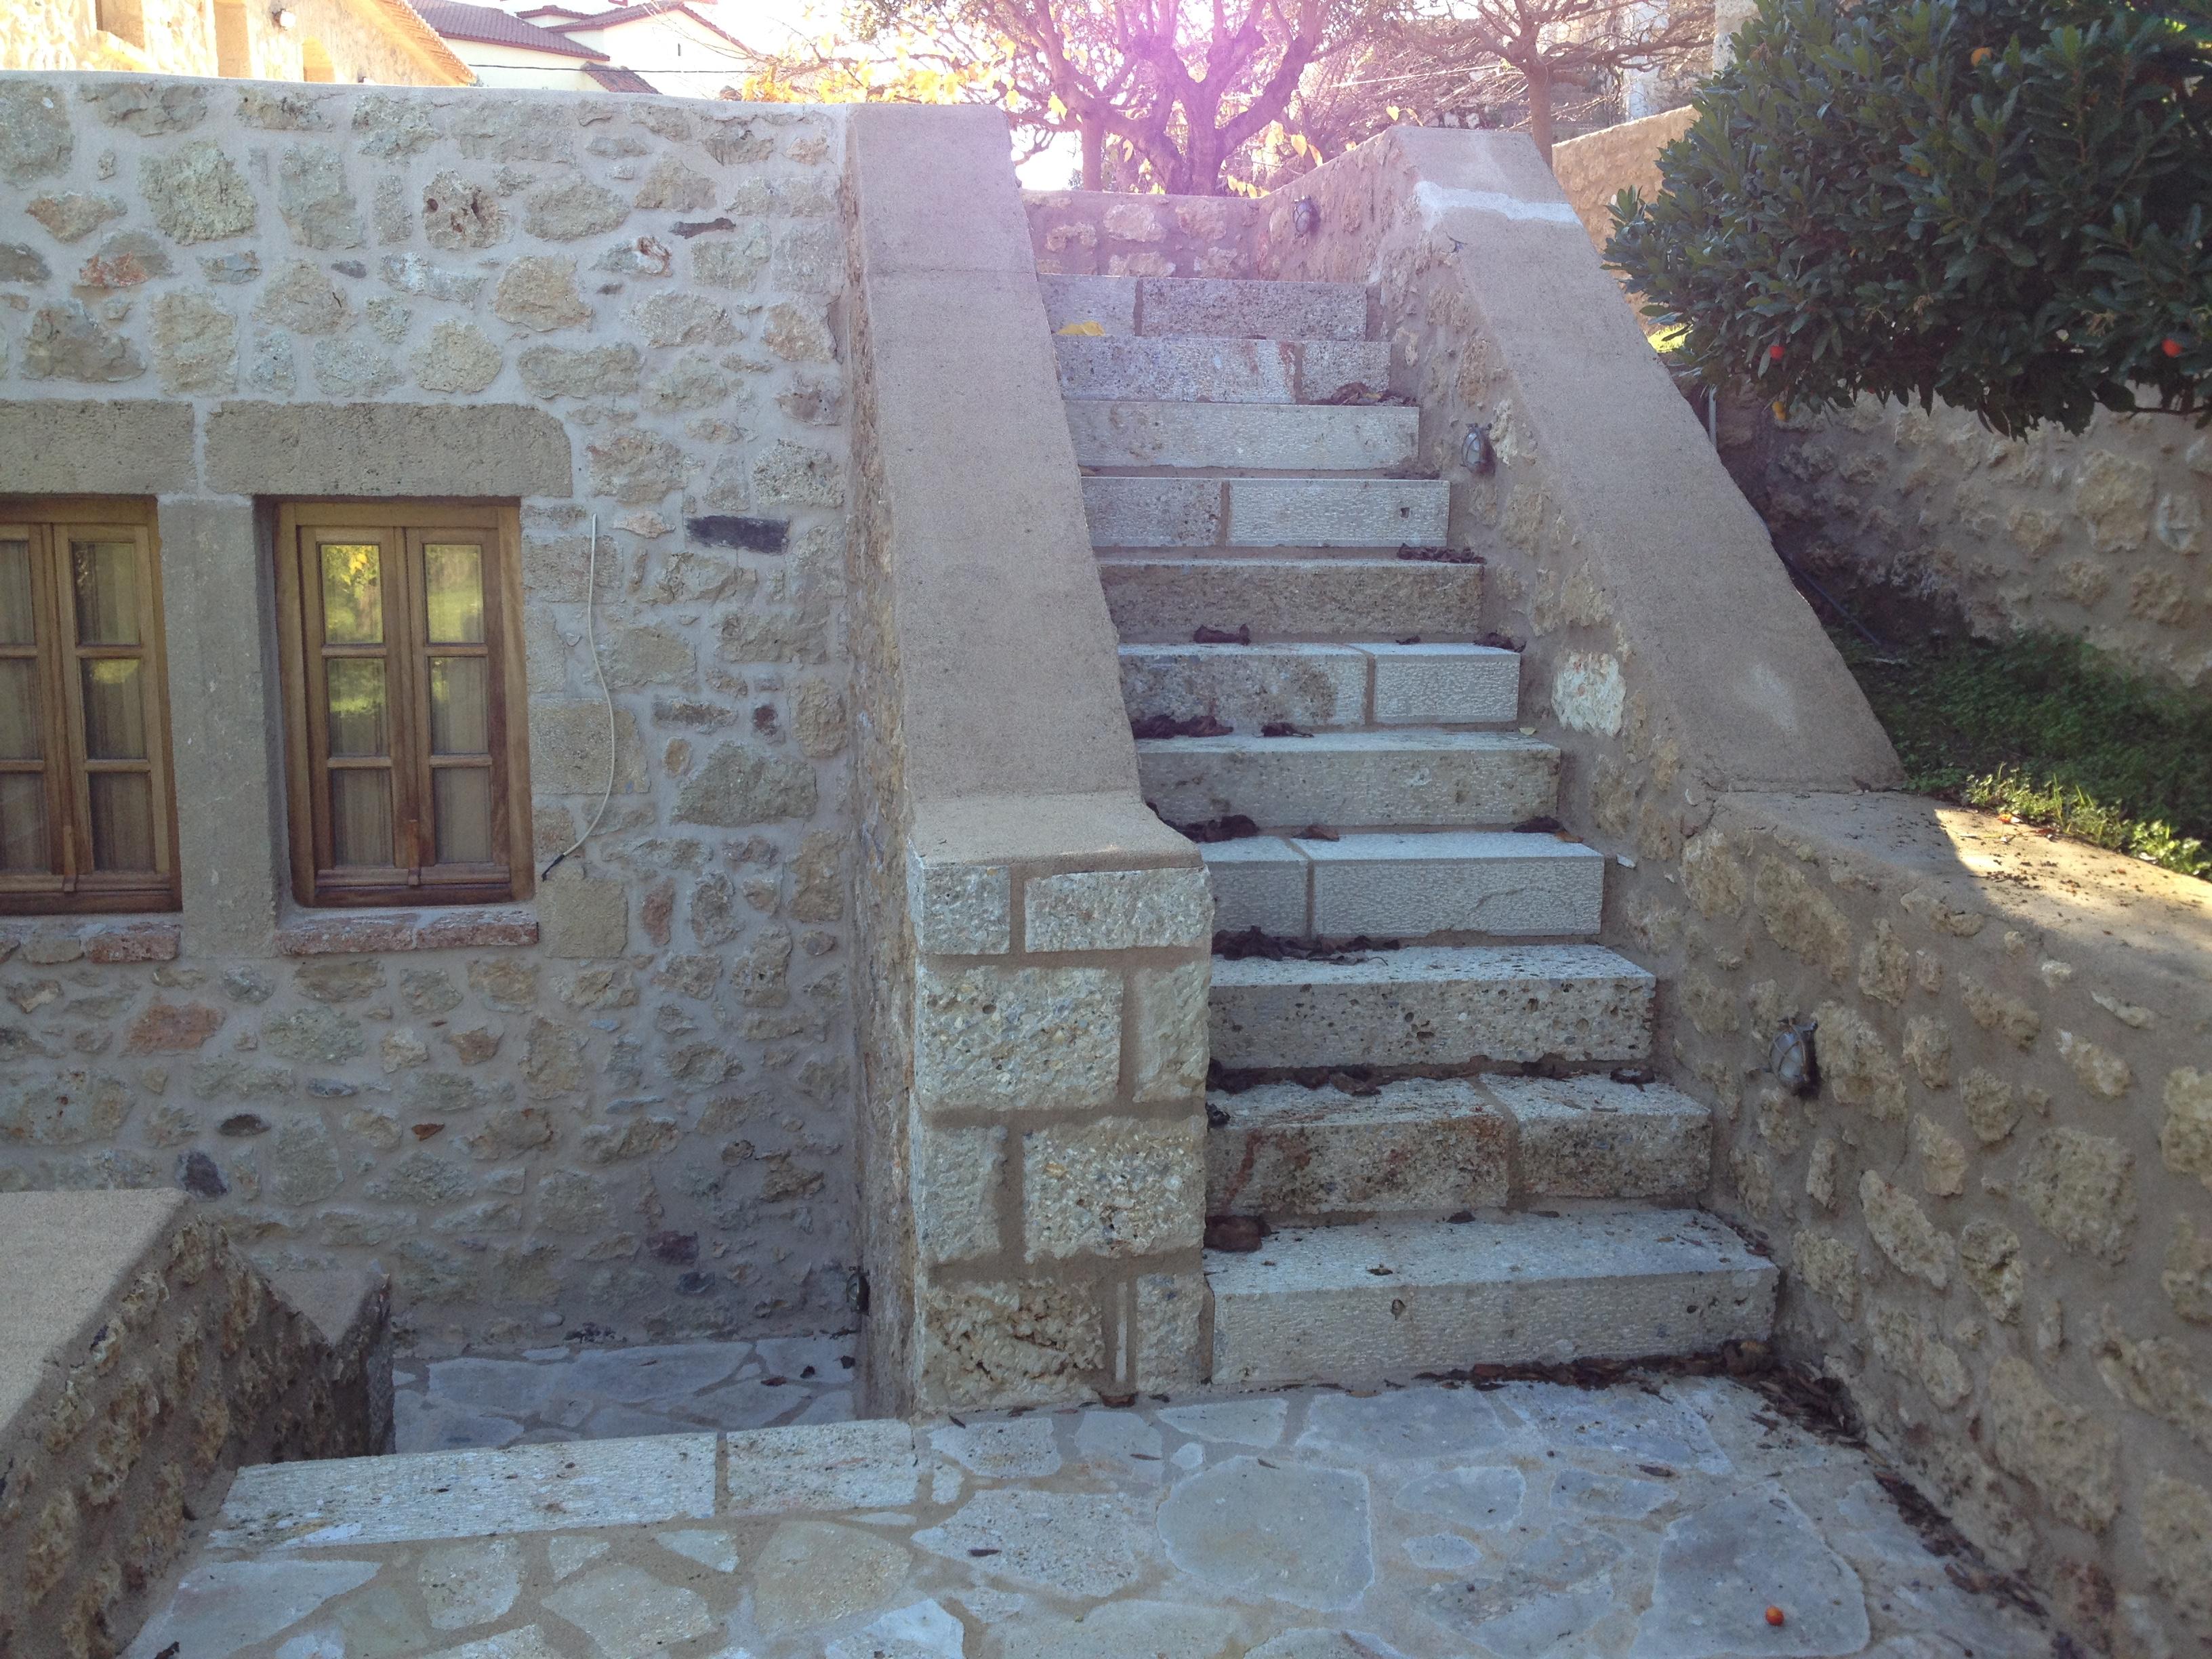 Πετρόκτιστη σκάλα - Μάνη